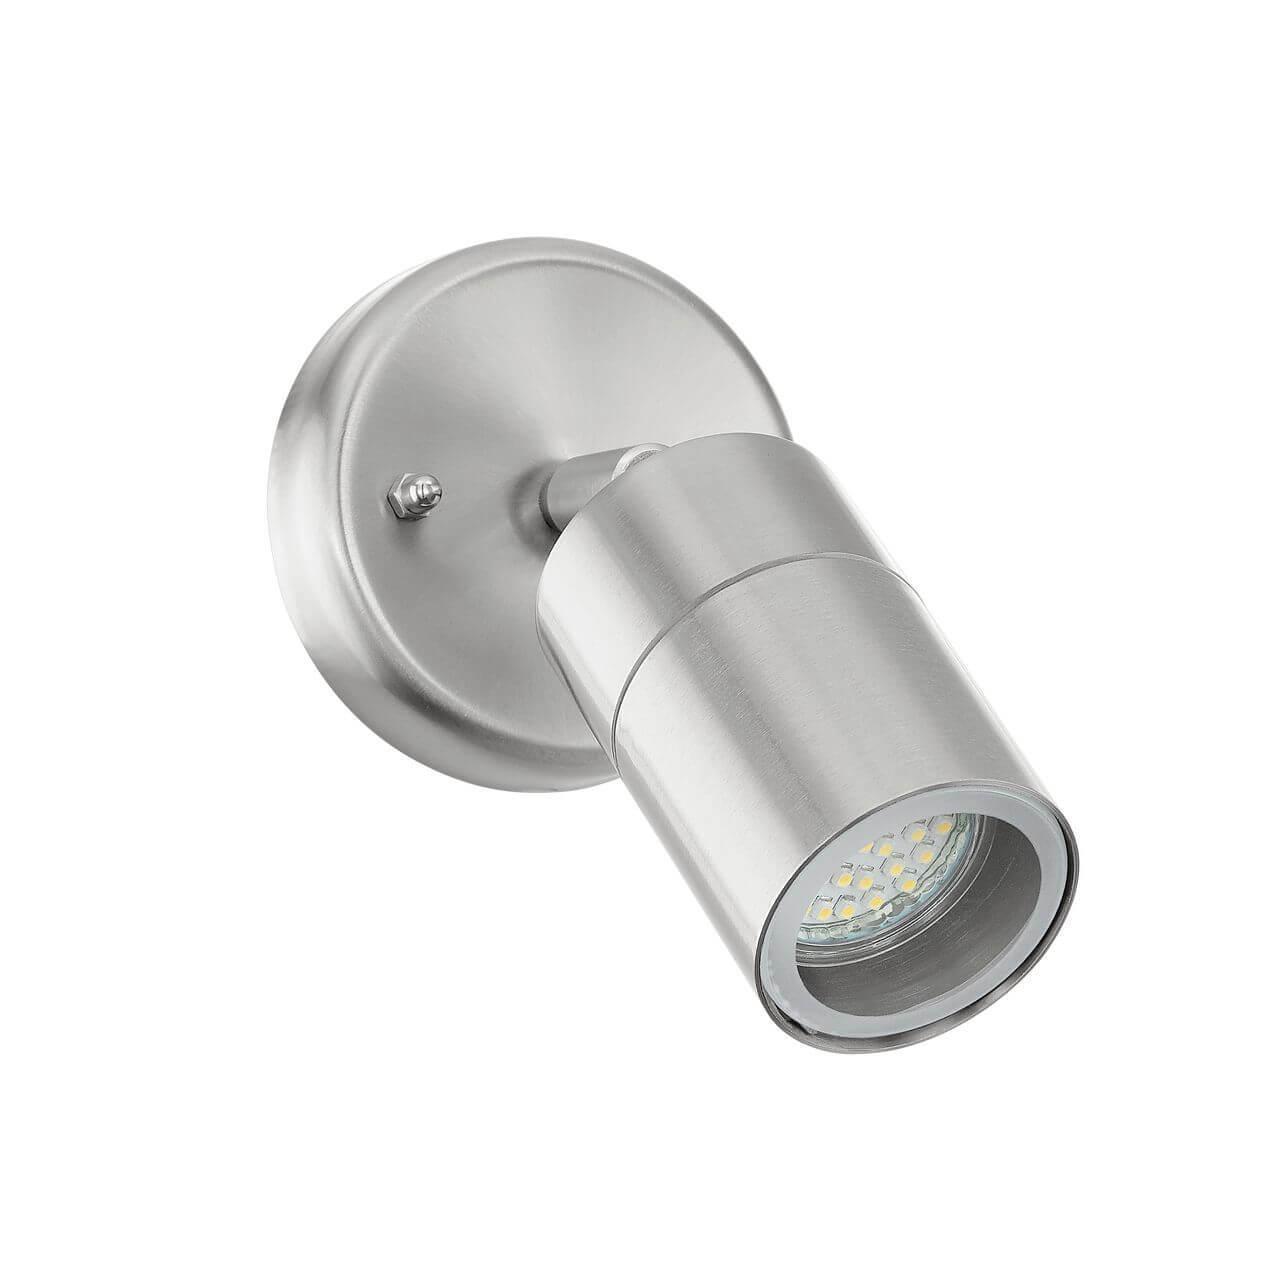 Уличный светильник Eglo 93268, серый